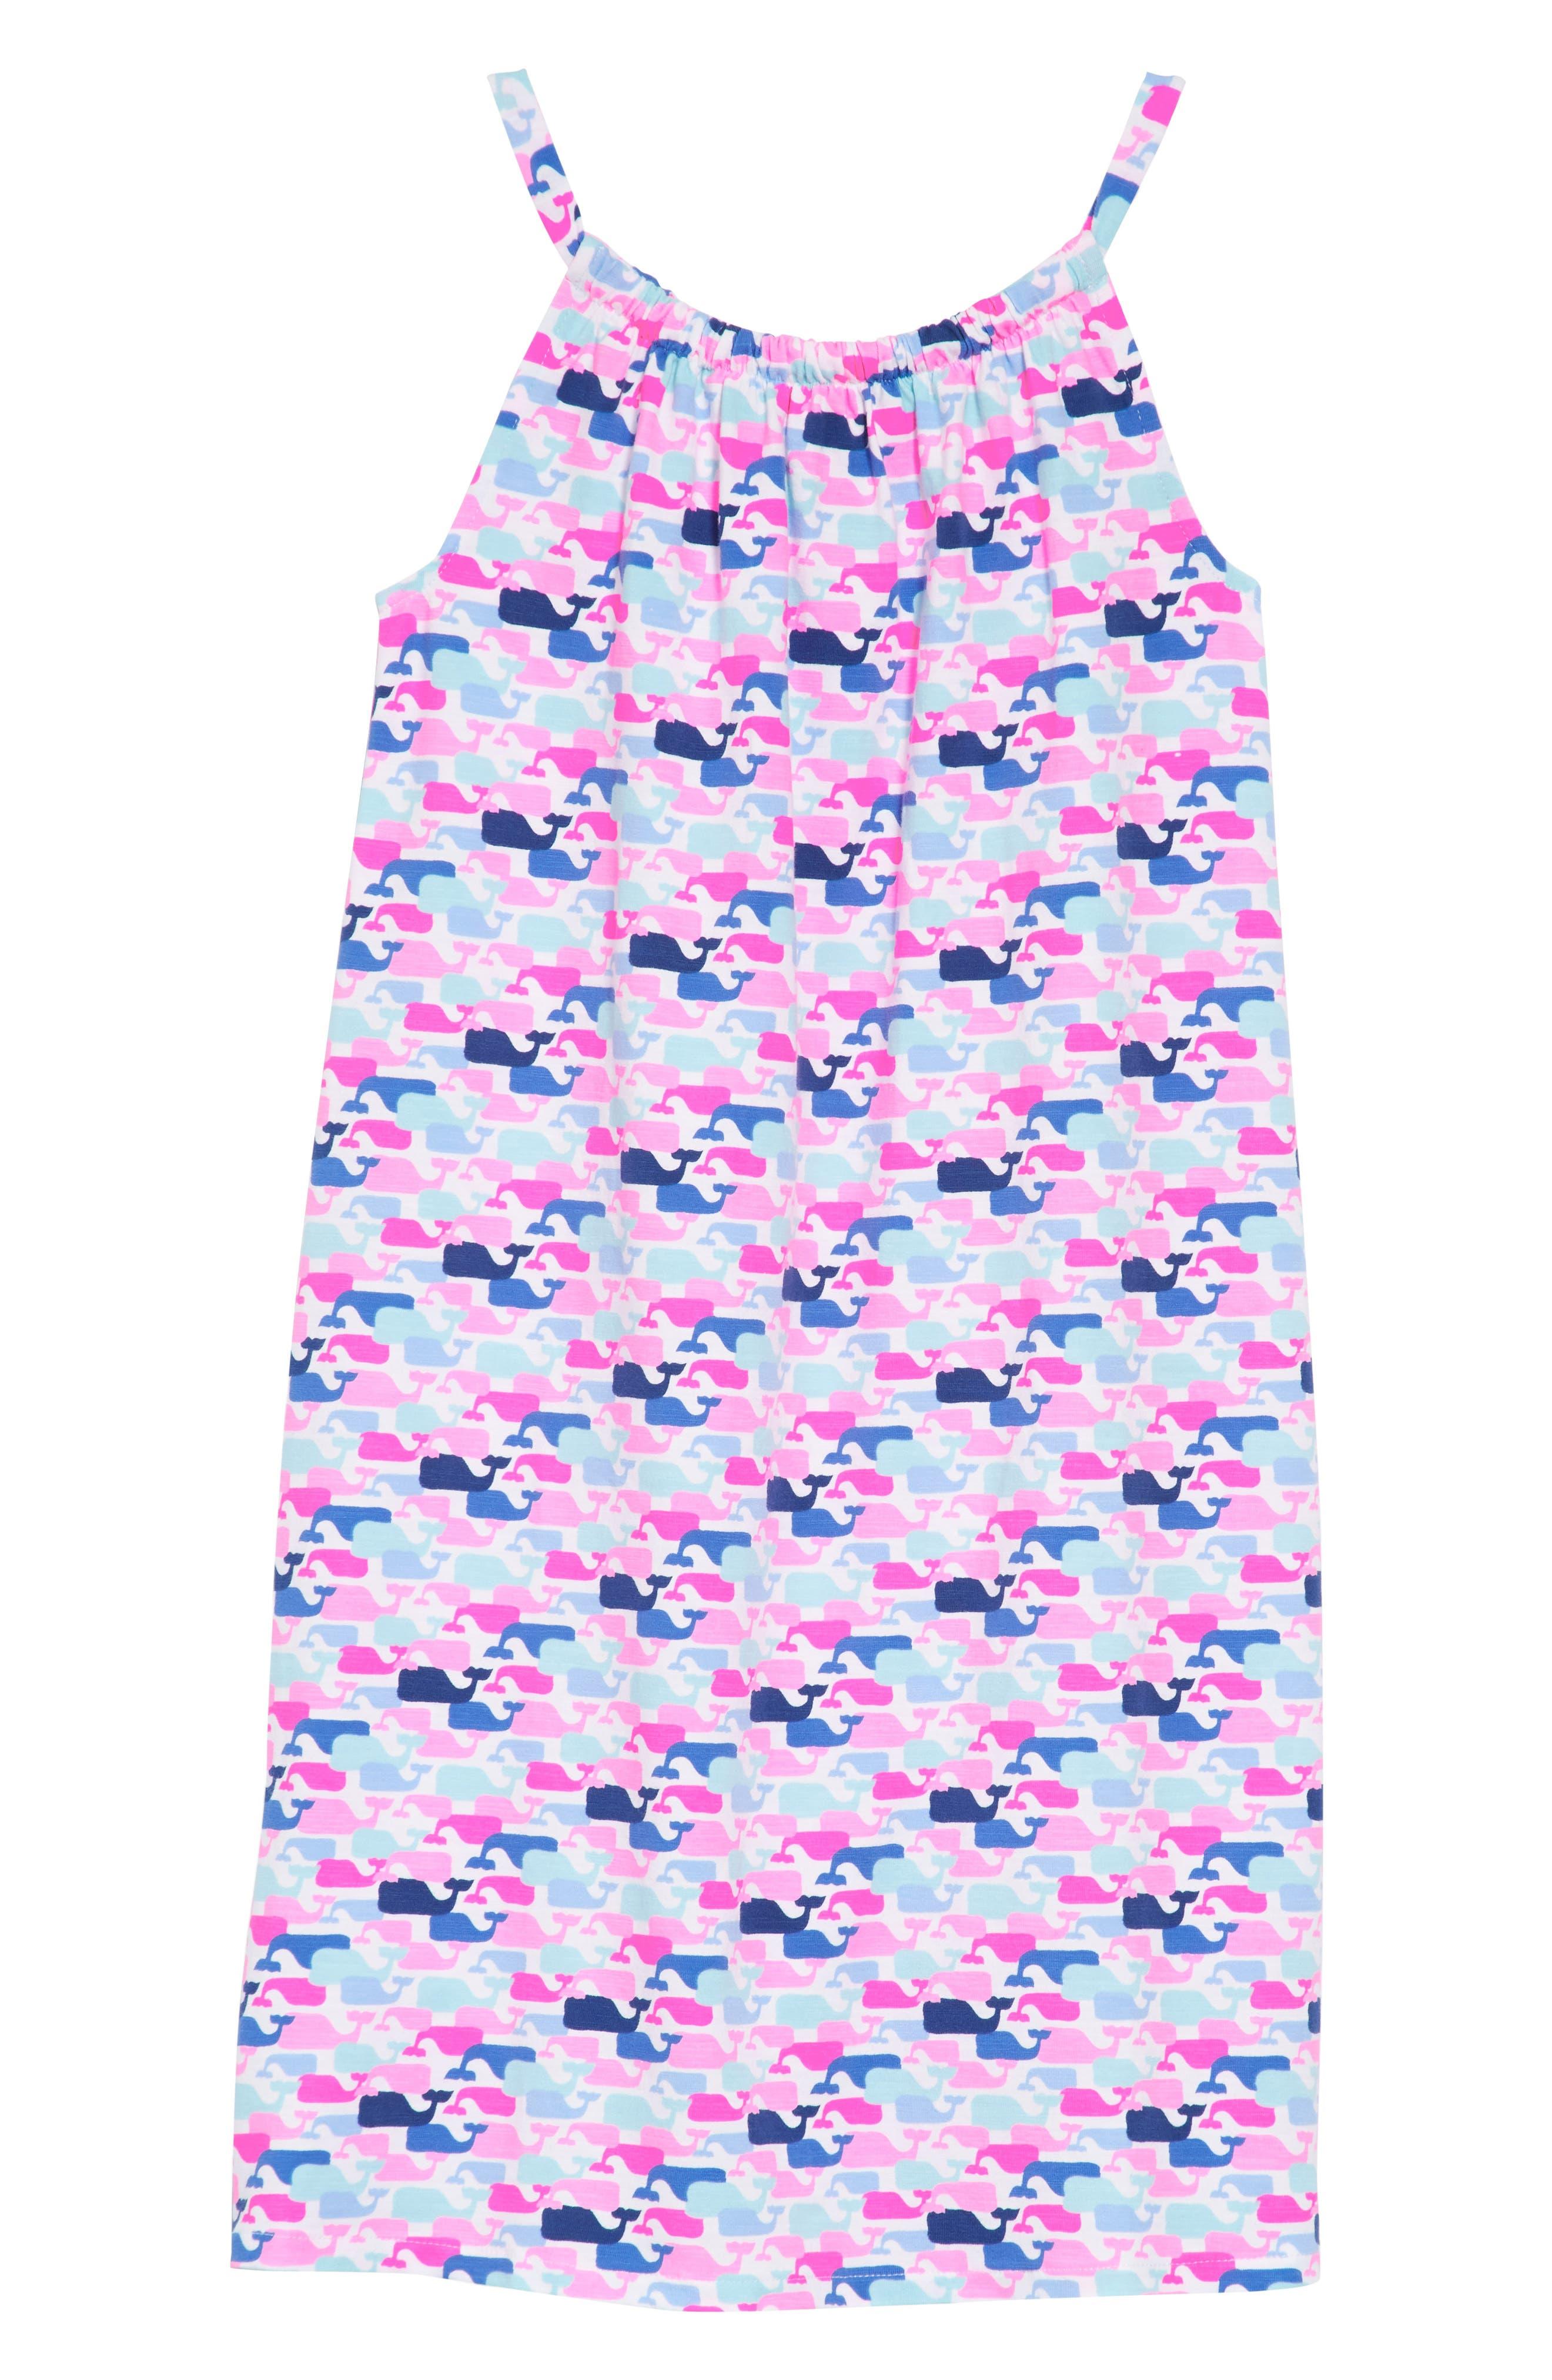 Whale Print Dress,                         Main,                         color, 100